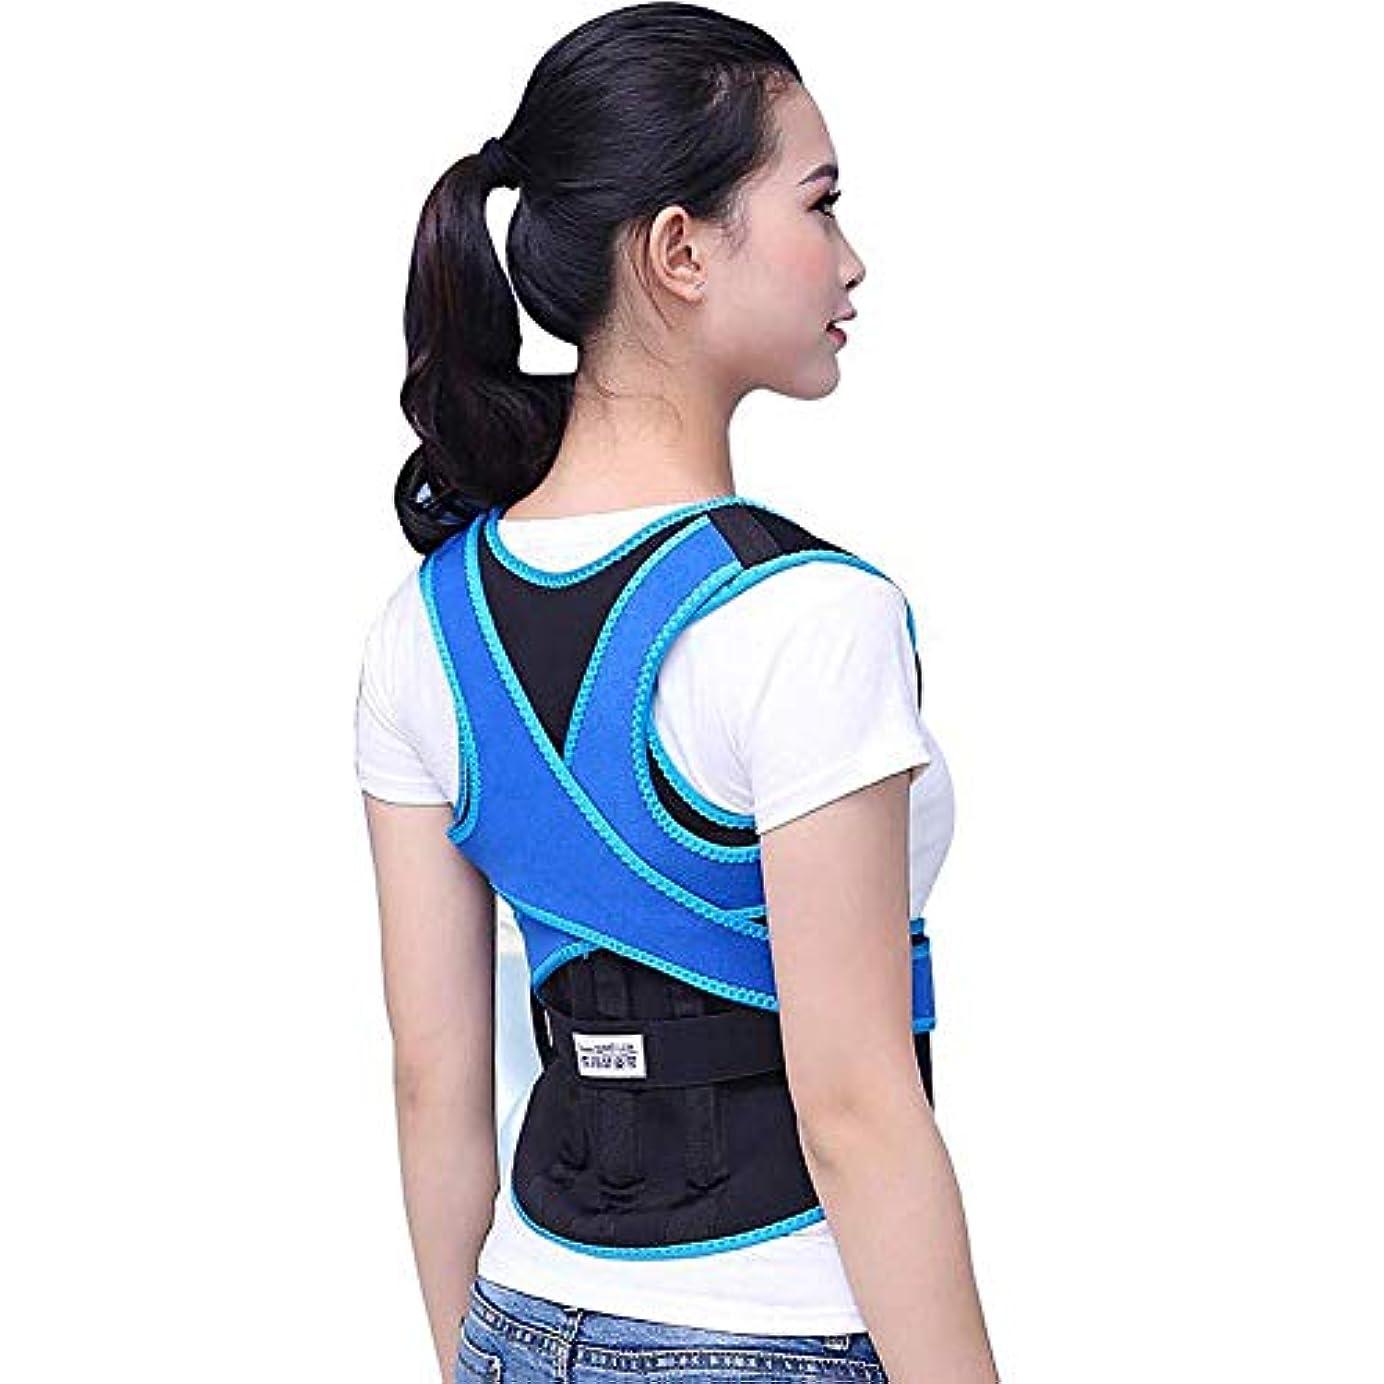 バランスのとれた代表してカテゴリー姿勢矯正ベルト - 背中姿勢矯正装置上部バックブレース、姿勢を改善するための最良のブレースヘルプ 男性と女性のために、キッズハングバック - 胸部回旋 (Size : S)